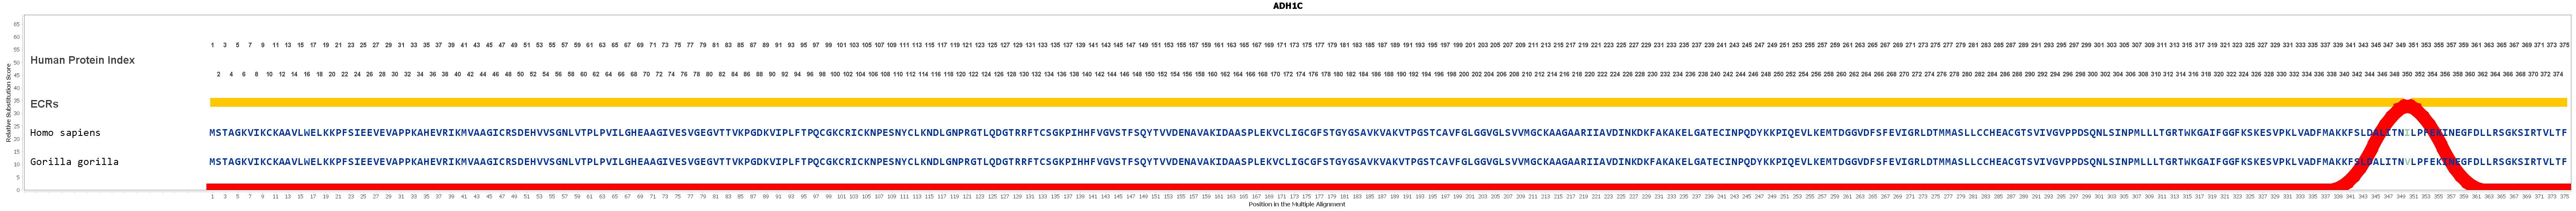 Evolution For ADH1C Gene